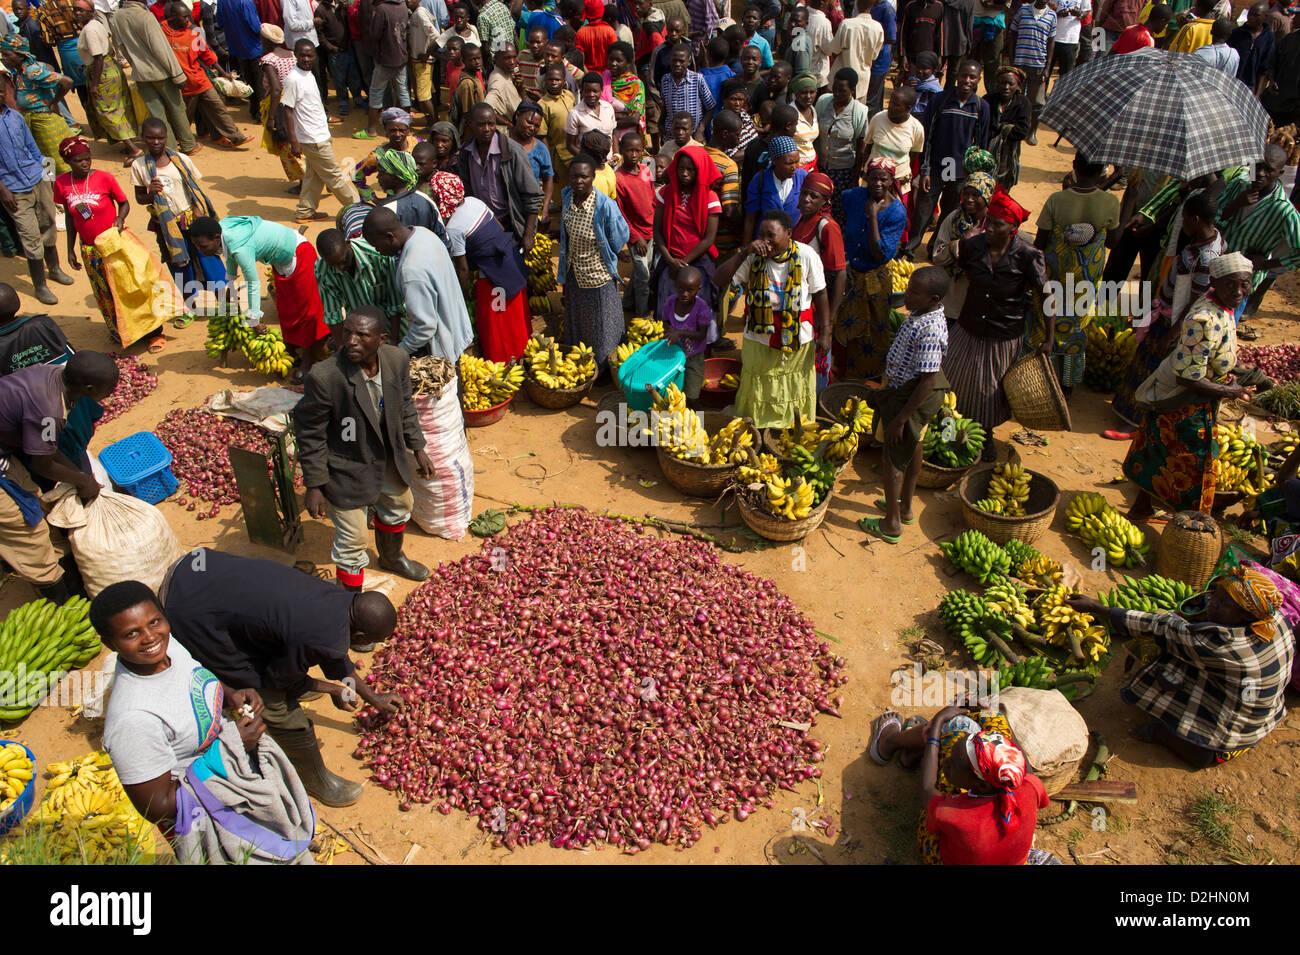 market, Ngororero, Rwanda - Stock Image